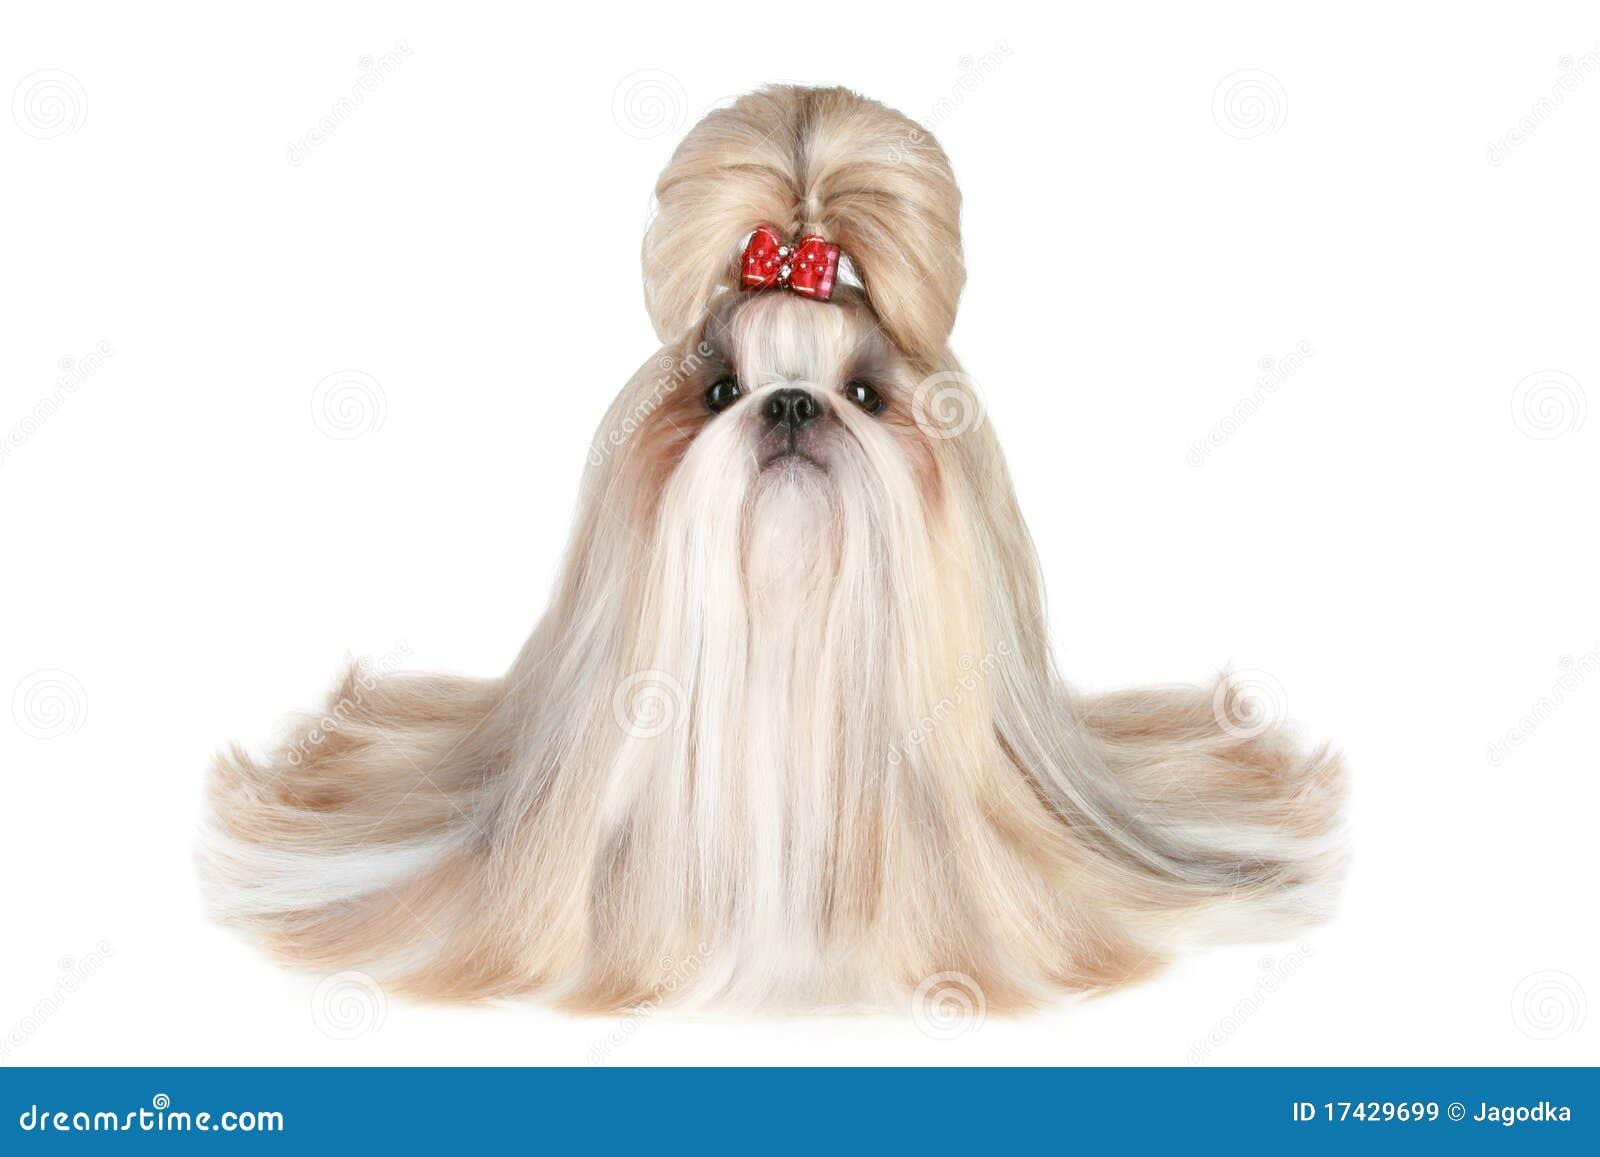 Dog Of Breed Shih-tzu Royalty Free Stock Images - Image: 17429699